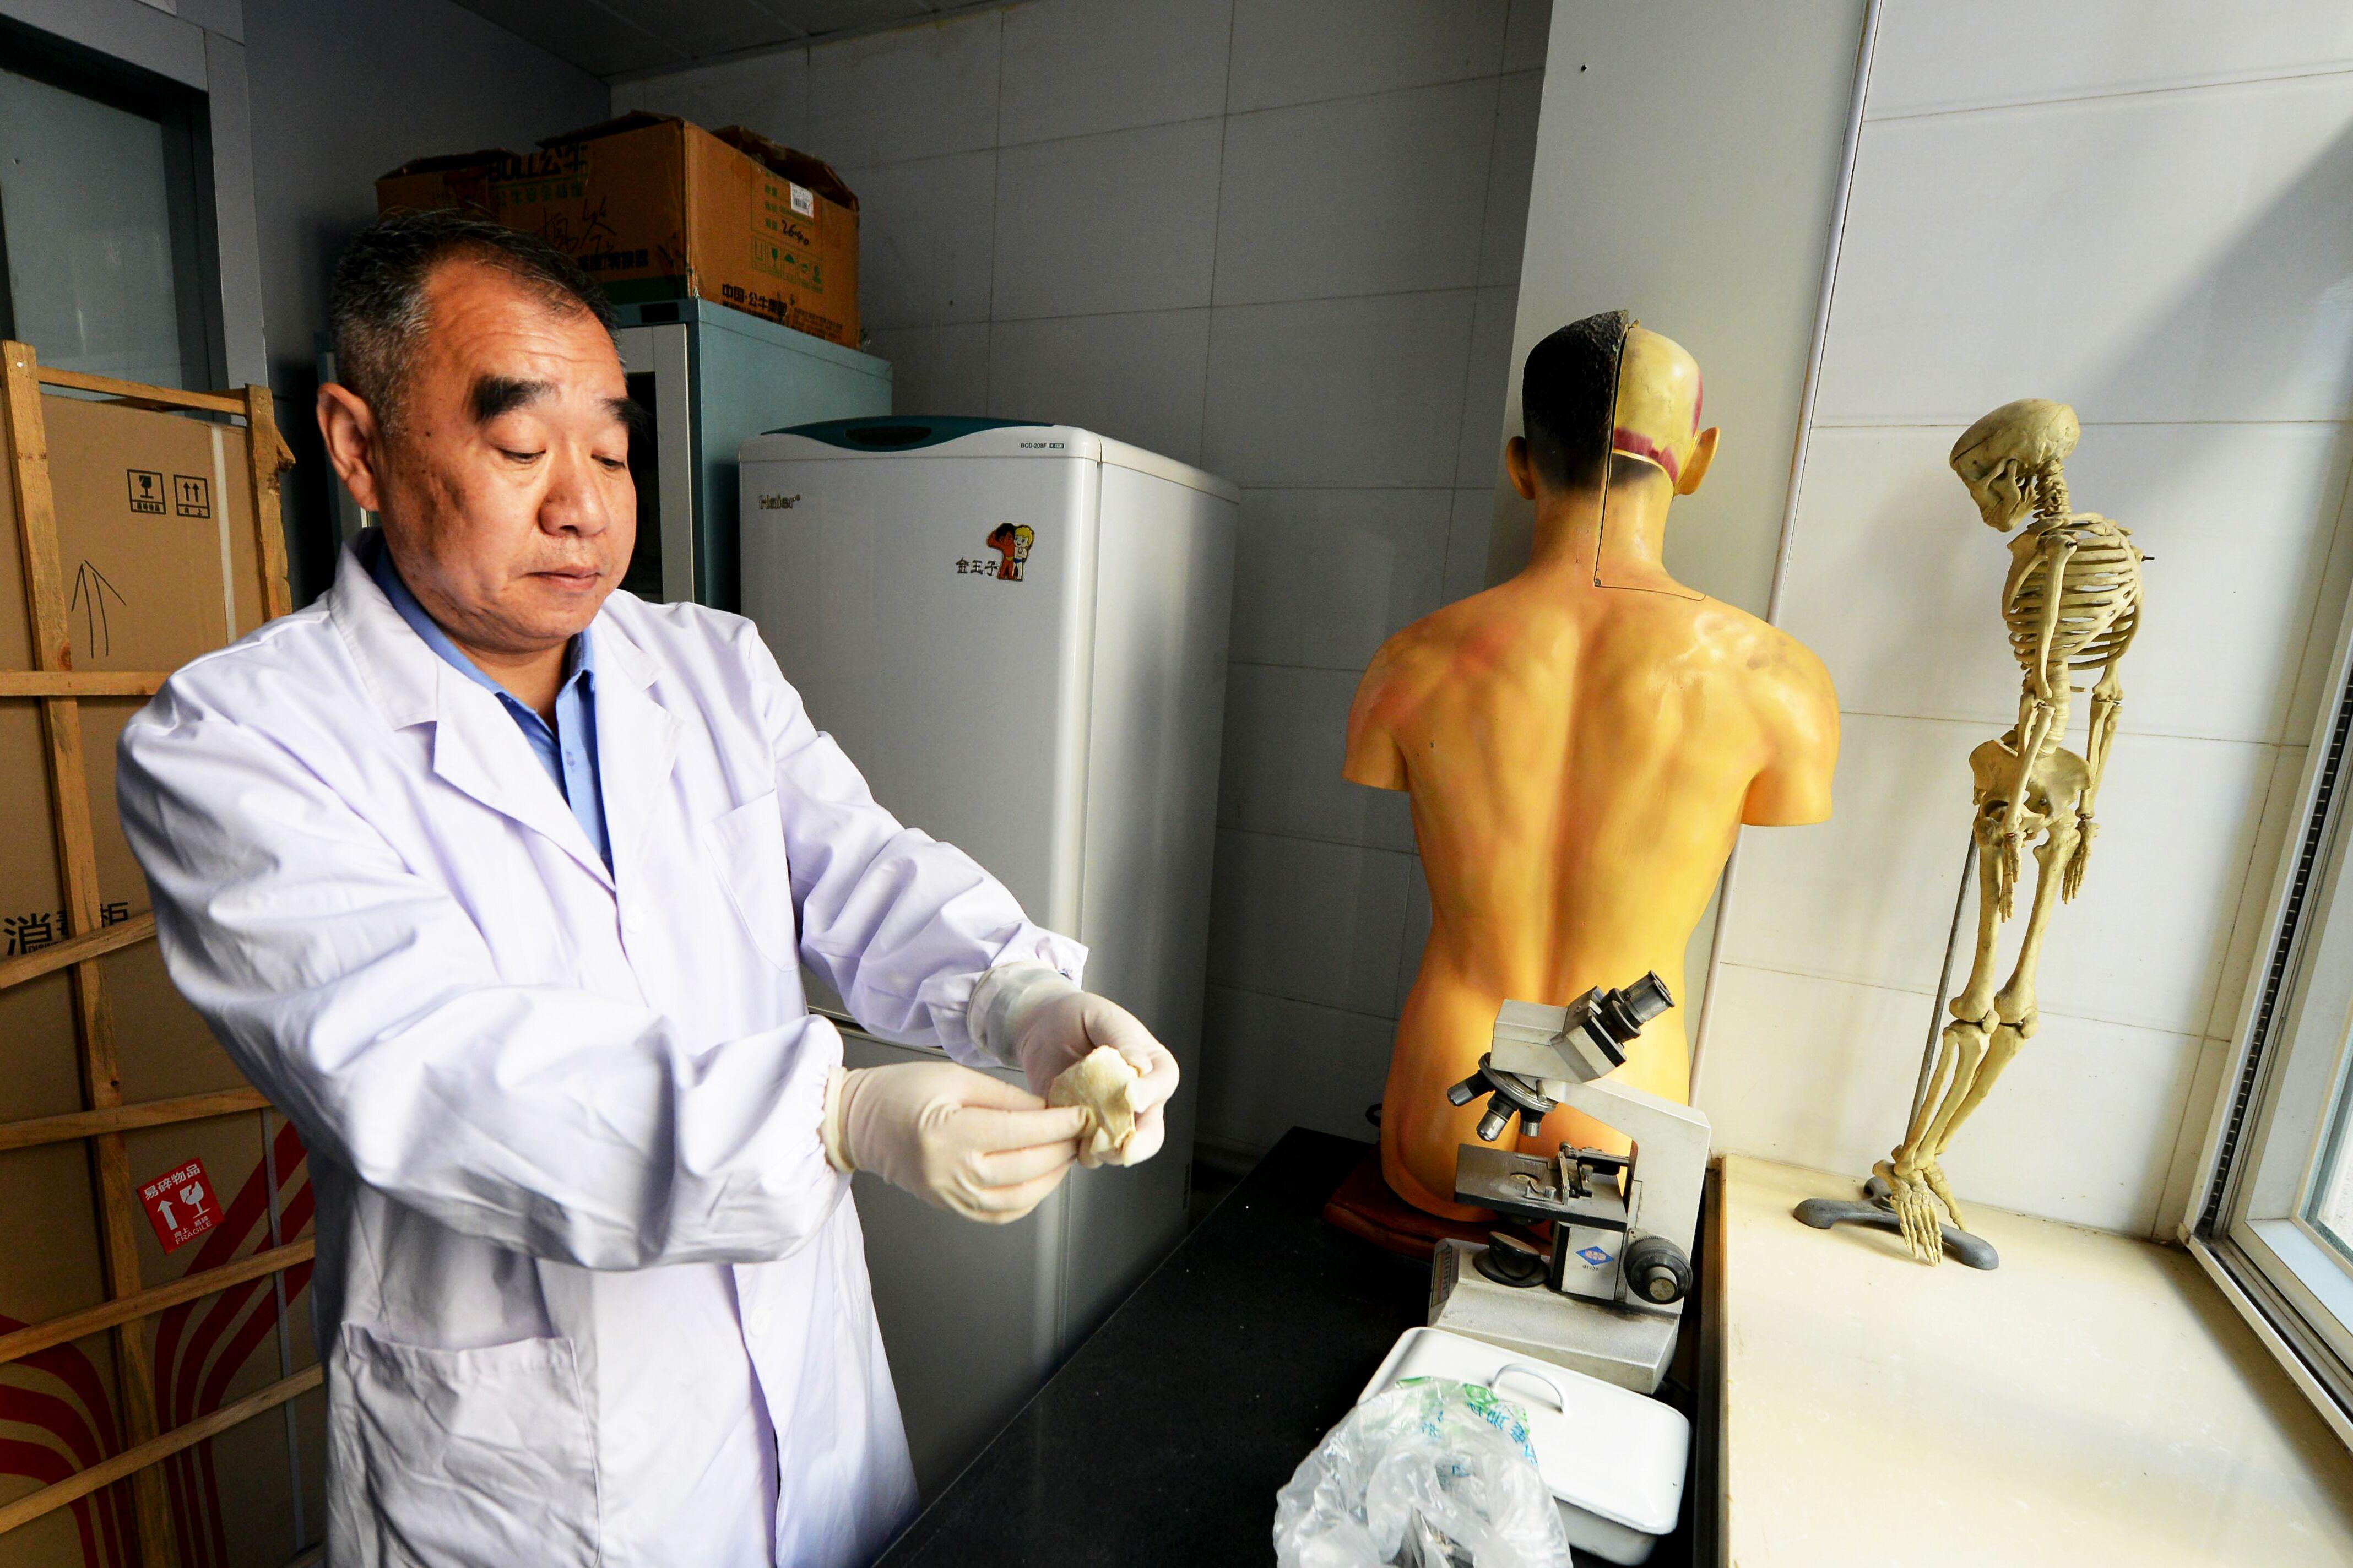 法医陈亚平:坚守正义 助力破案维护公民生命健康权